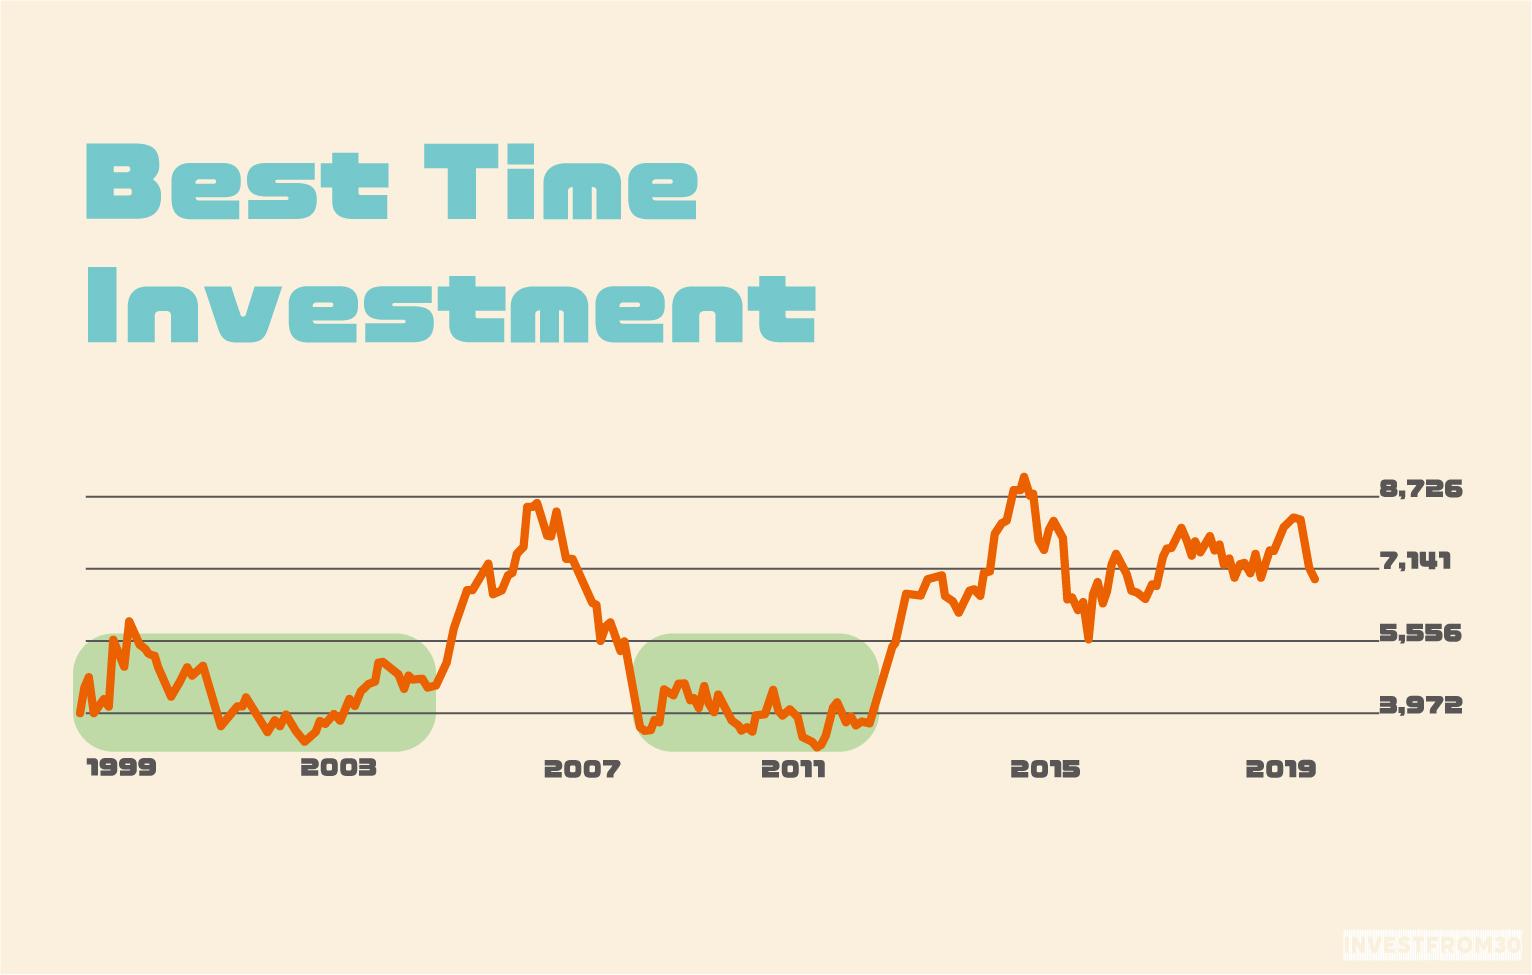 株式投資における購入のベストタイミングを解説します